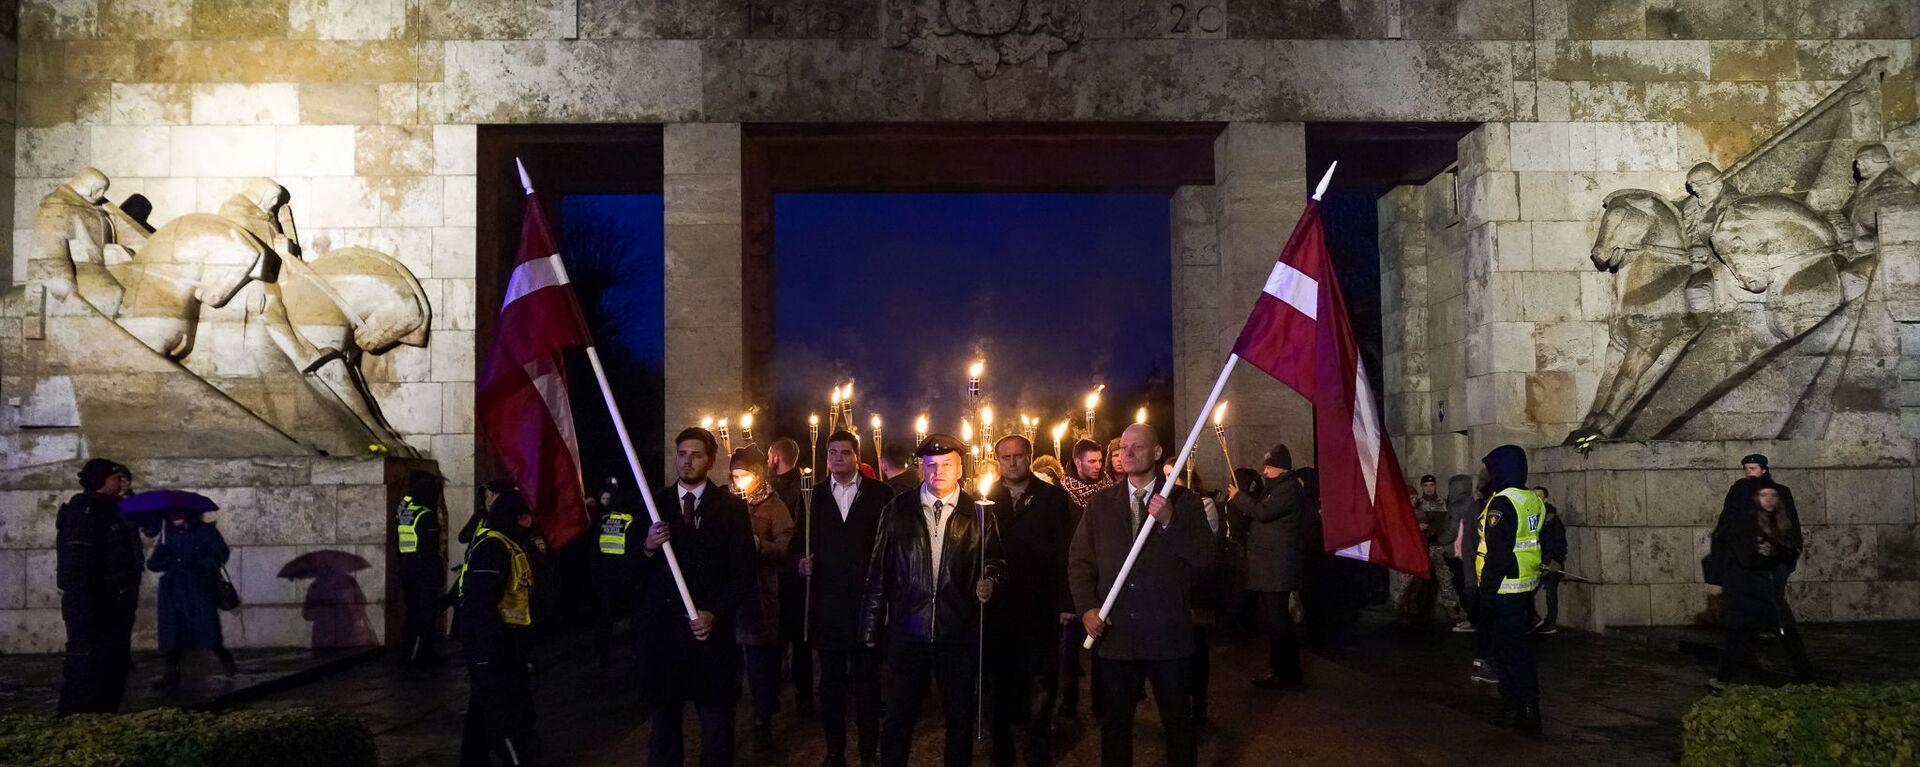 В День Лачплесиса в Риге состоялось факельное шествие - Sputnik Latvija, 1920, 11.11.2020